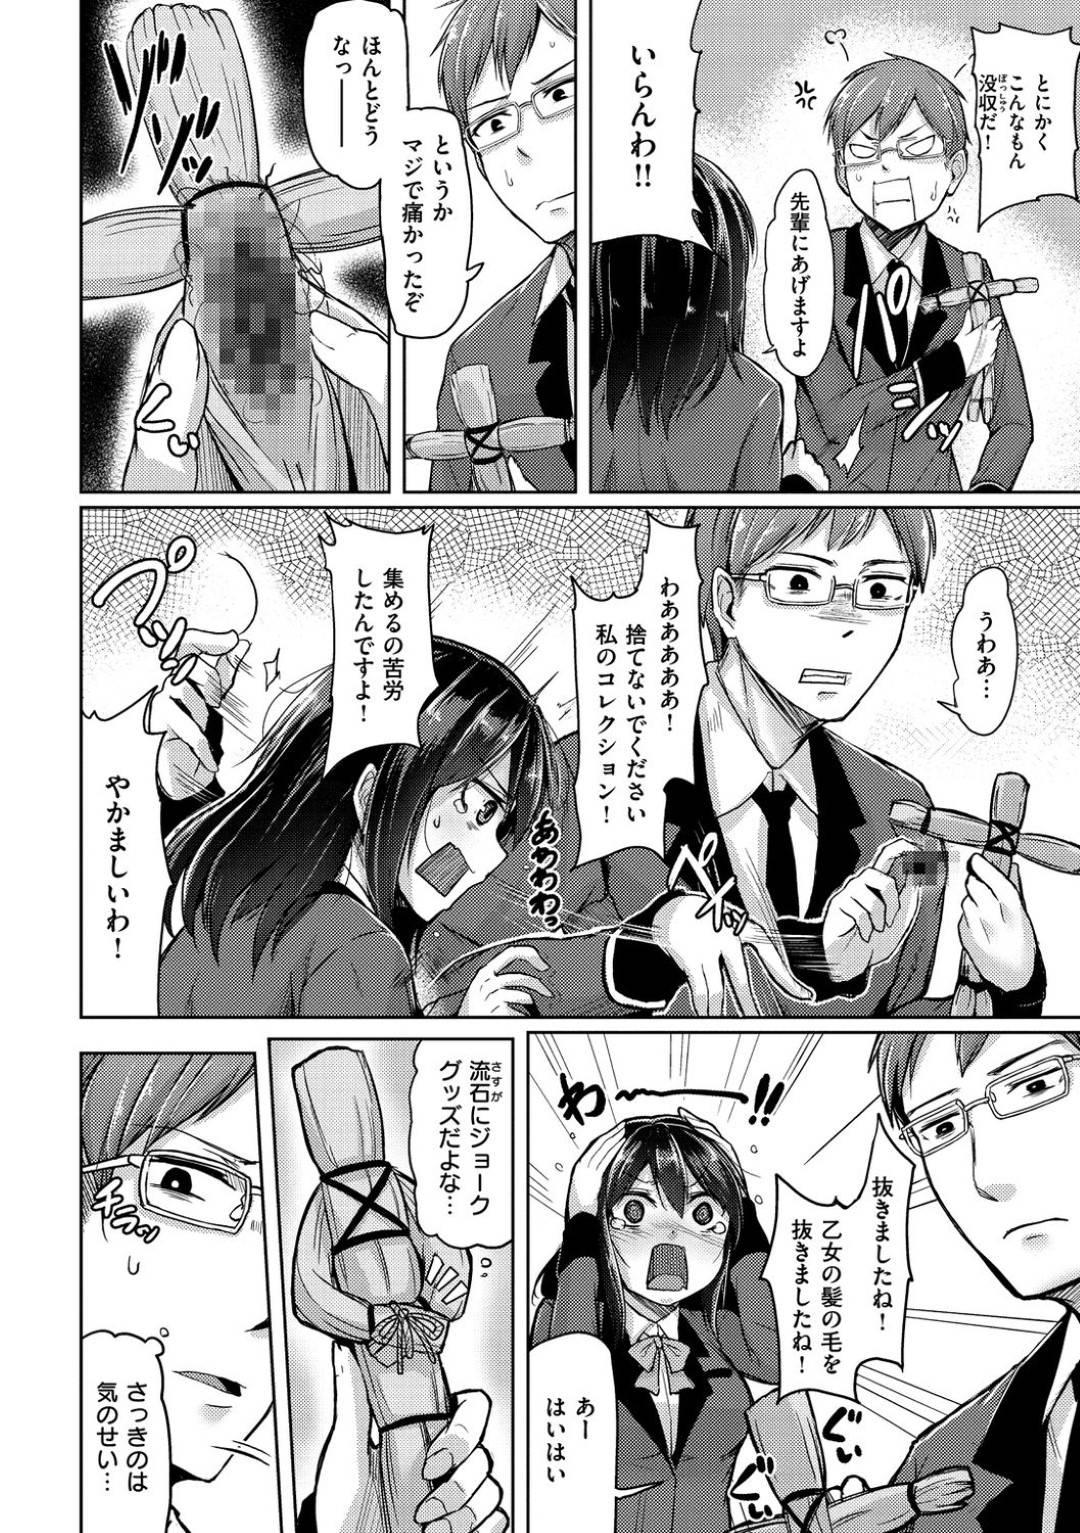 【エロ漫画】先輩男子につきまとうストーカー癖のある後輩JKは、拘束逆レイプからのイチャラブ生ハメセックス